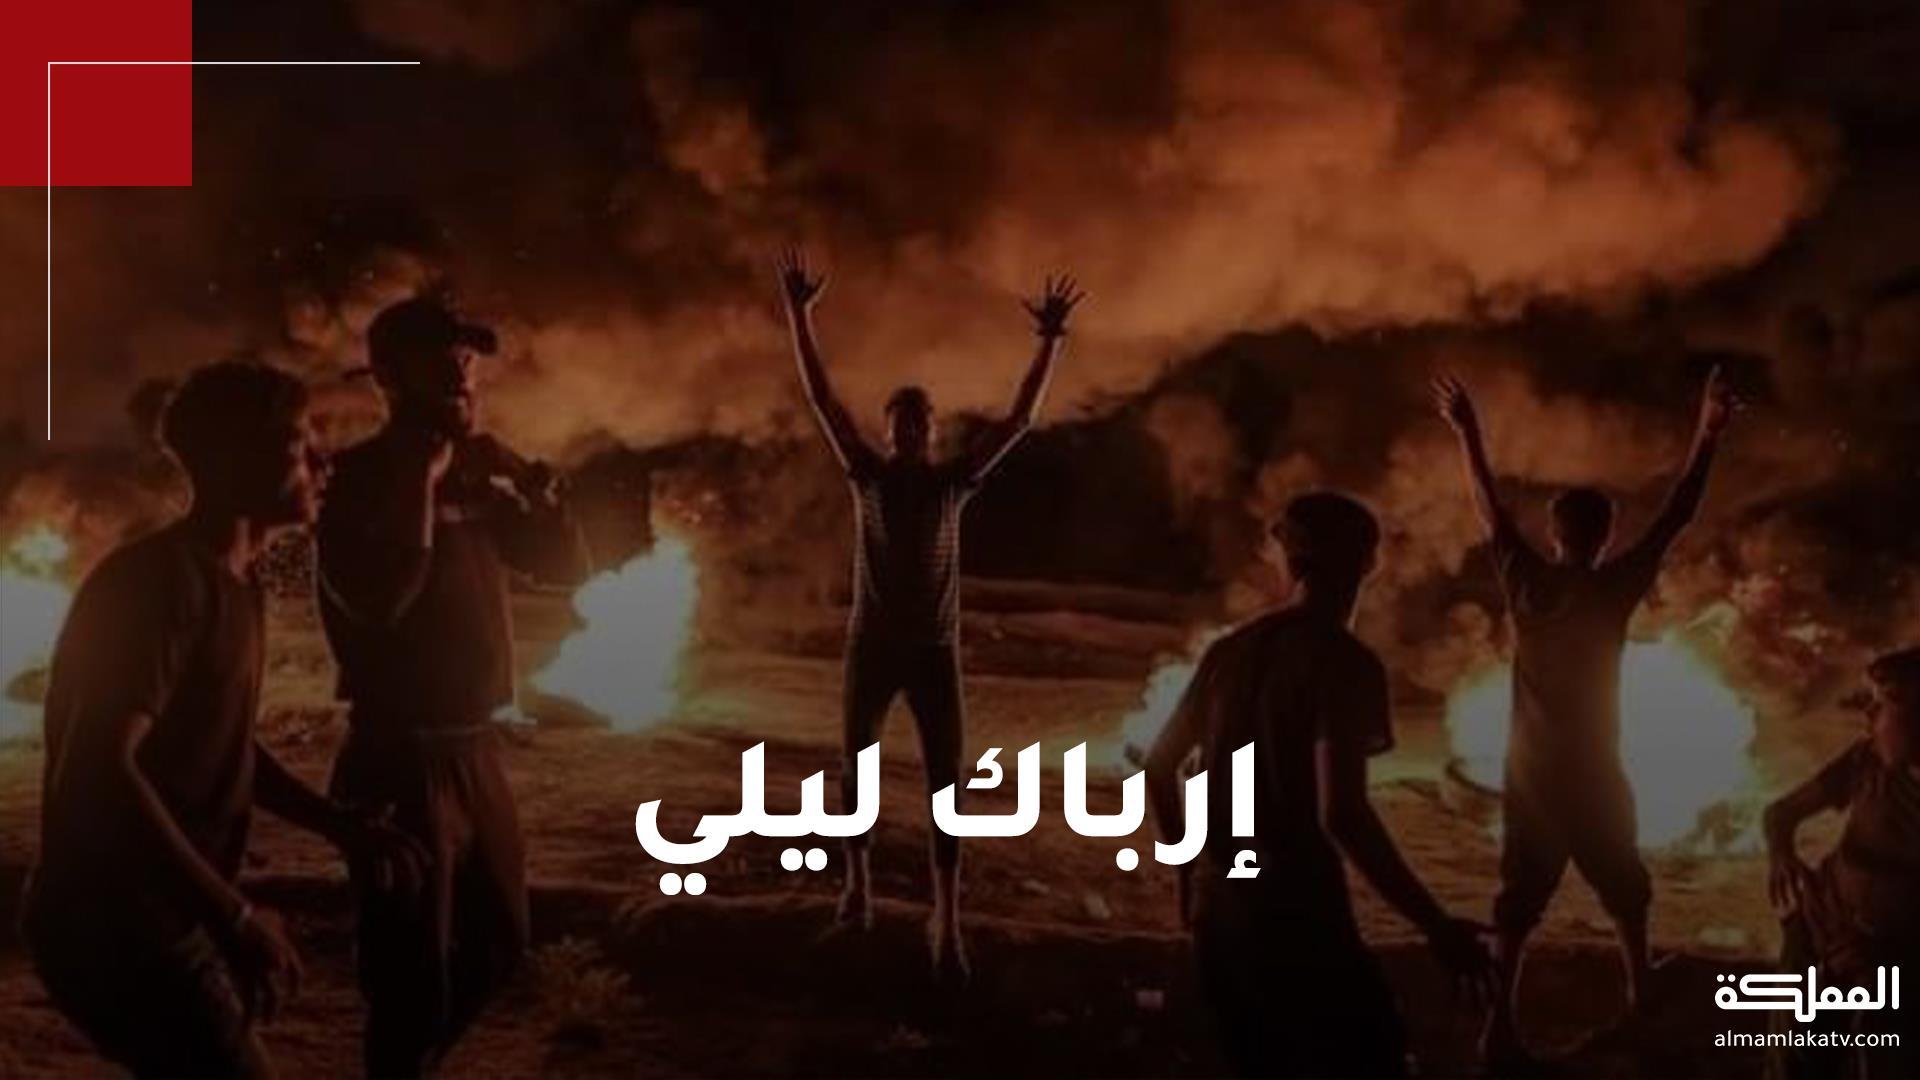 """""""الإرباك الليلي"""".. أسلوب جديد يتبعه الفلسطينيون لمقاومة الاستيطان وجرائم الاحتلال"""